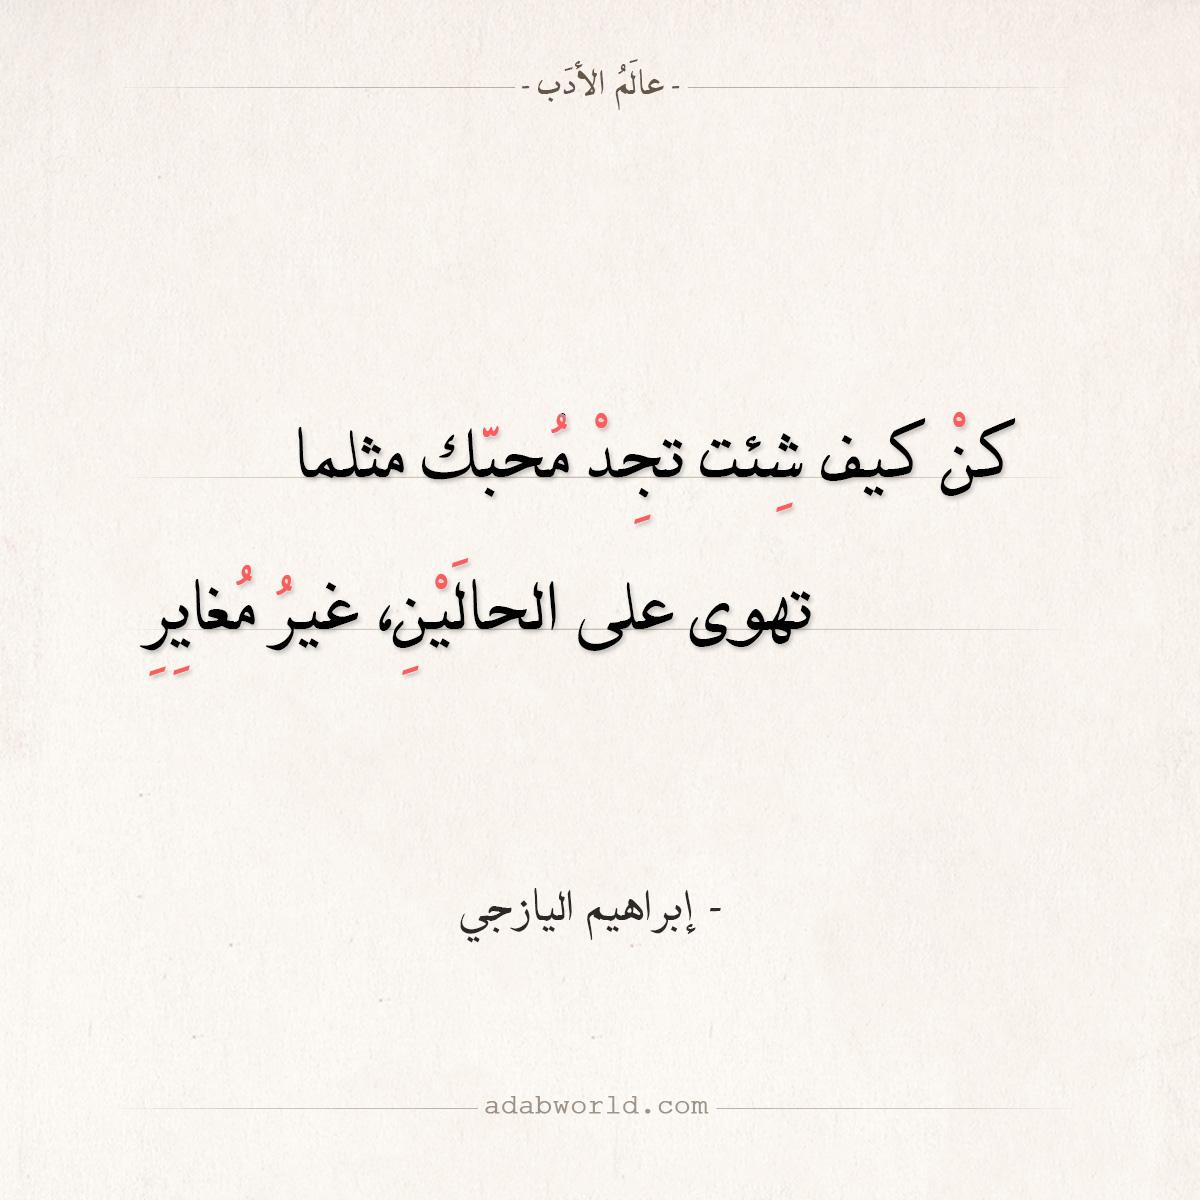 شعر إبراهيم اليازجي - كن كيف شئت تجد محبك مثلما